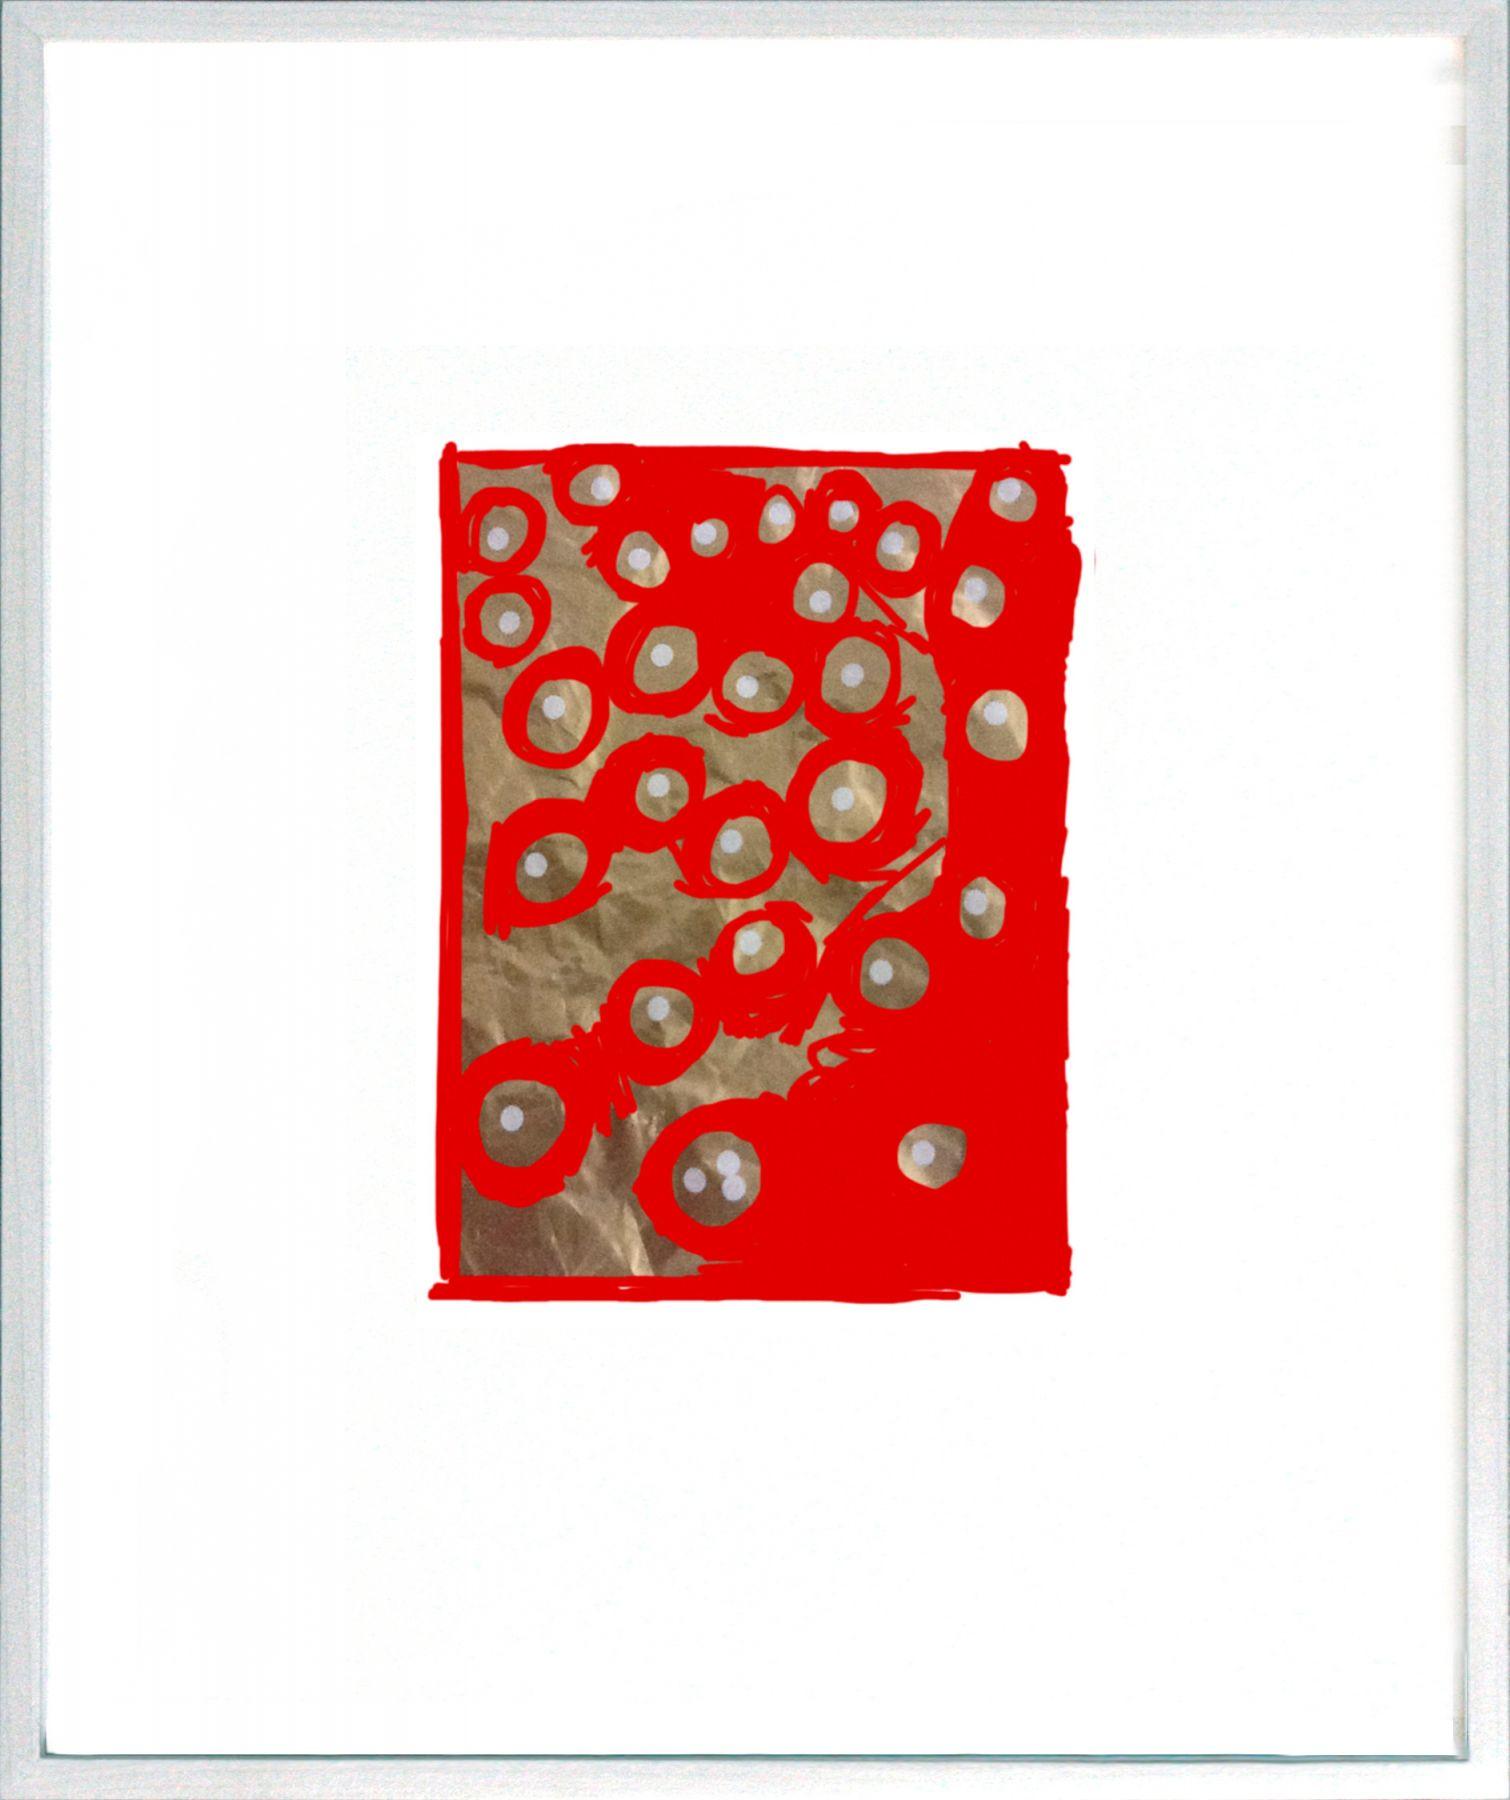 Gold Punkt Rot, 2013